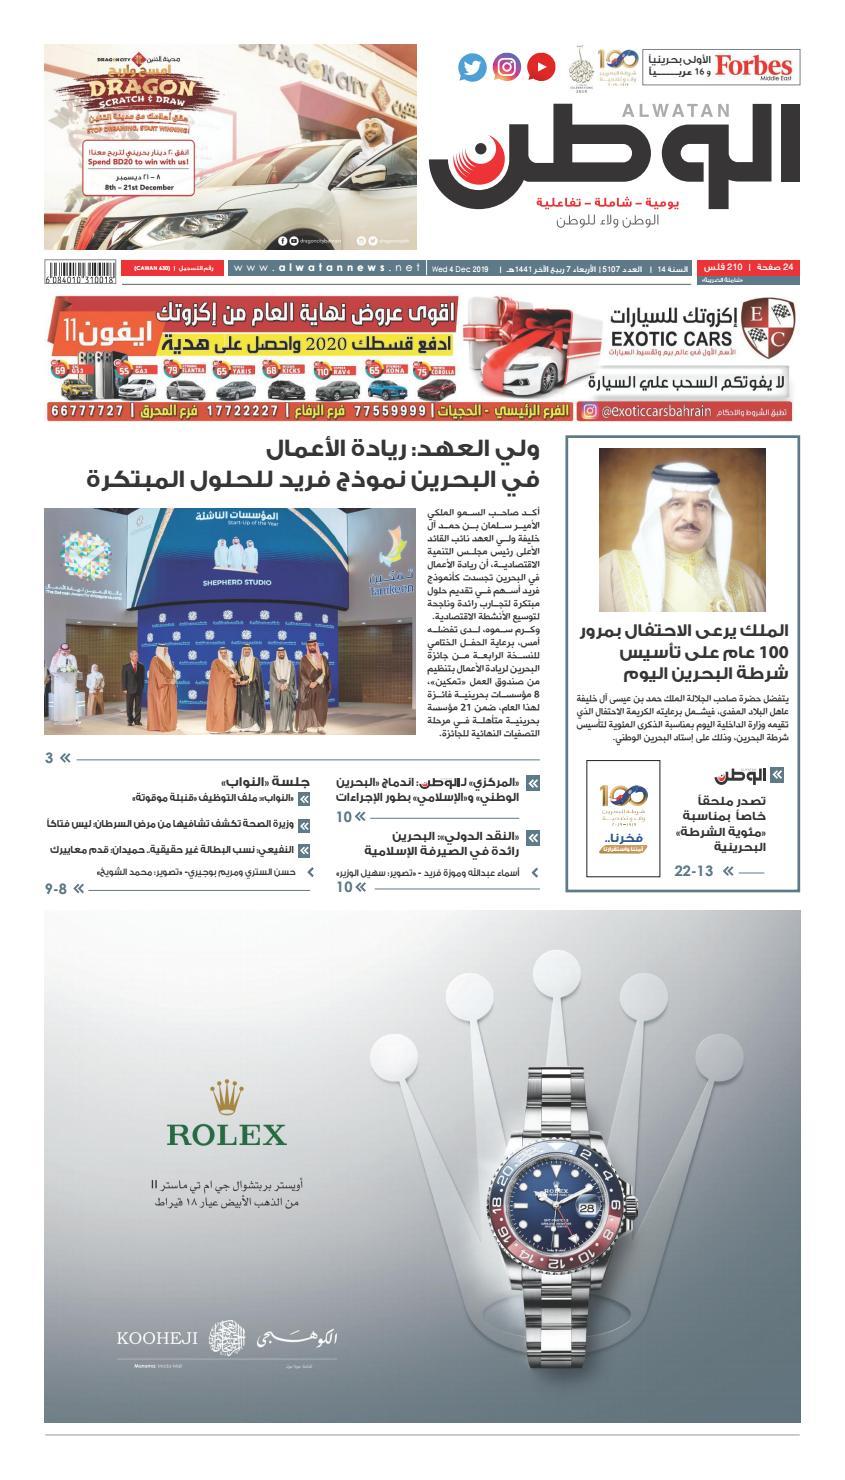 Alwatan 04 Dec 2019 By Alwatanbh Issuu